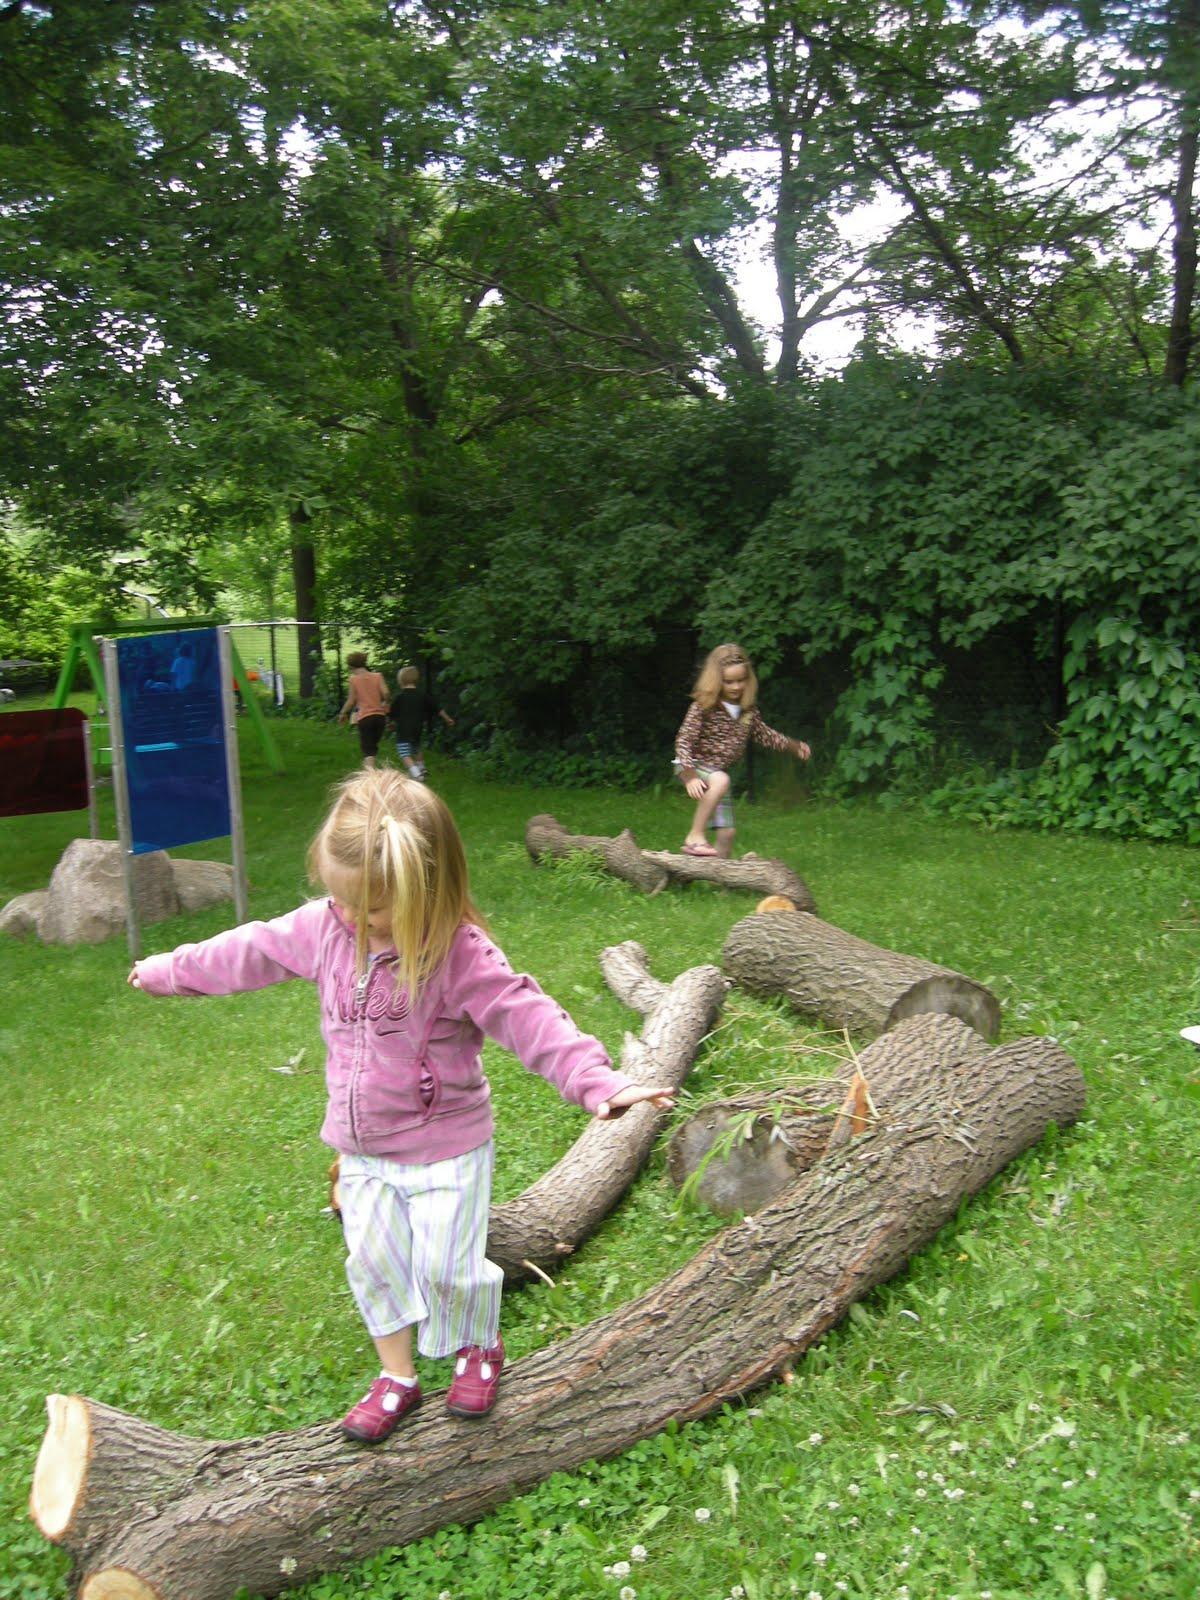 Designing and Creating Natural Play Environments